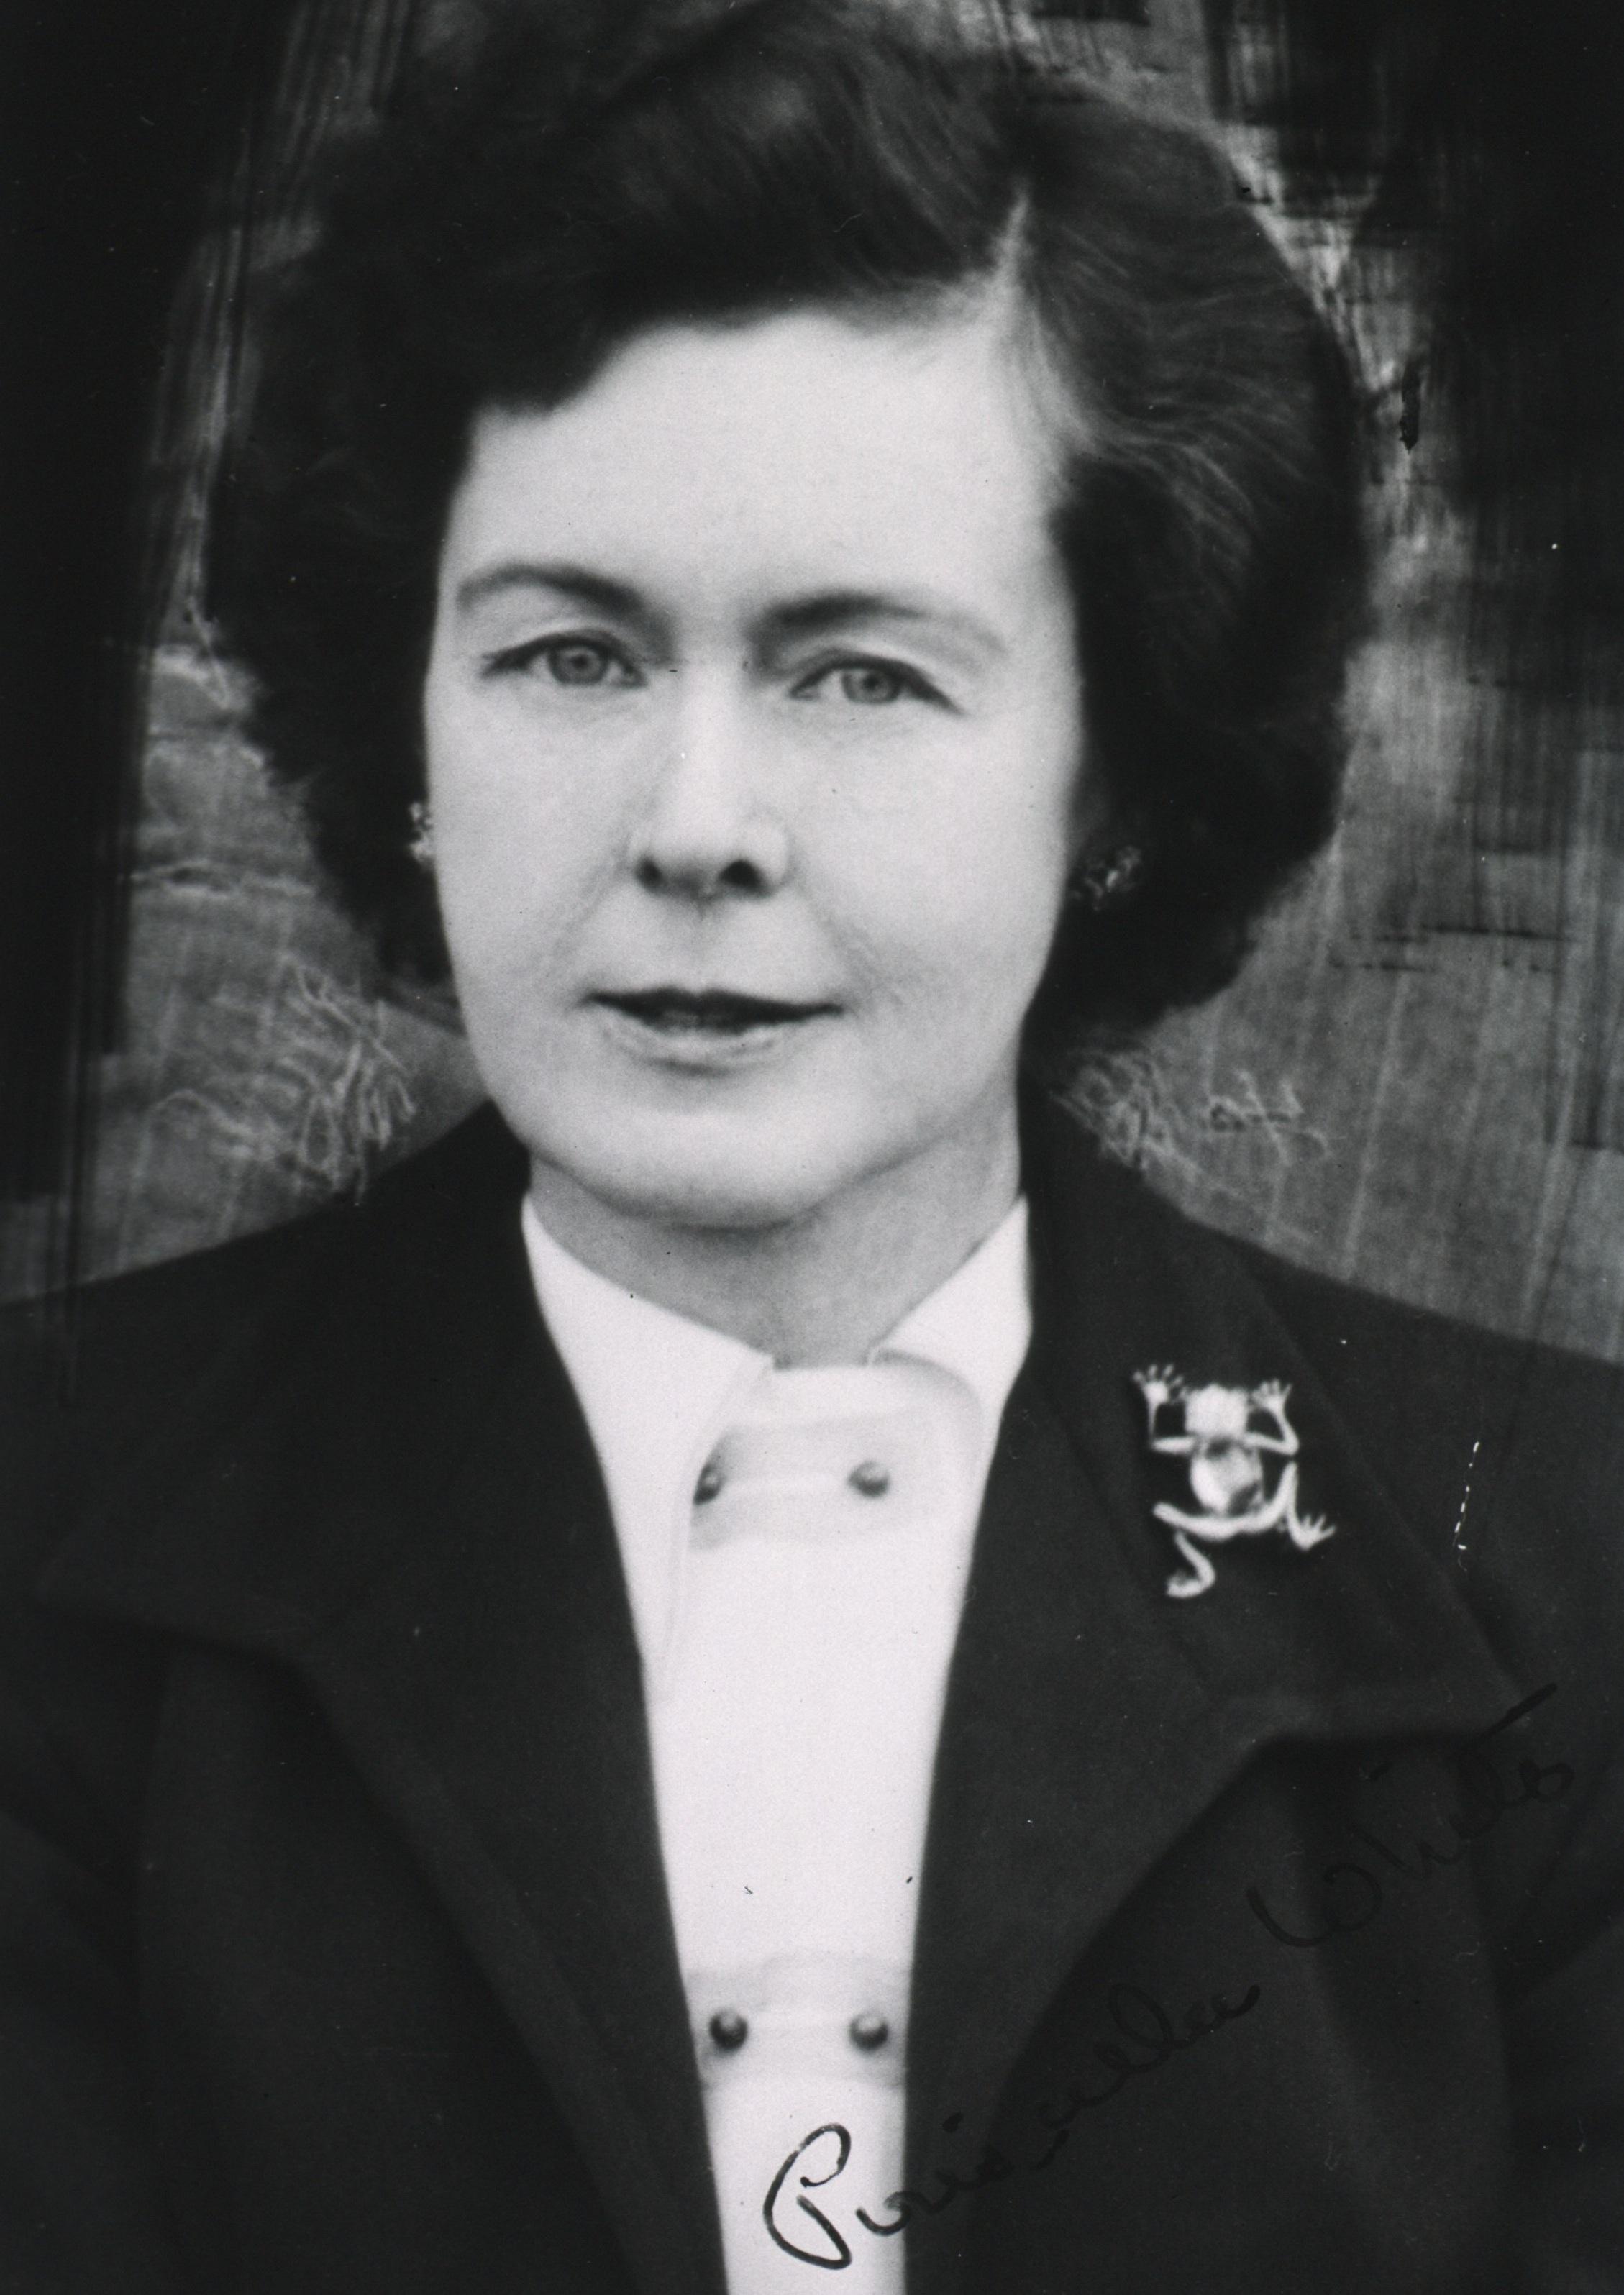 Priscilla White, 1950. Courtesy of the U.S. National Library of Medicine